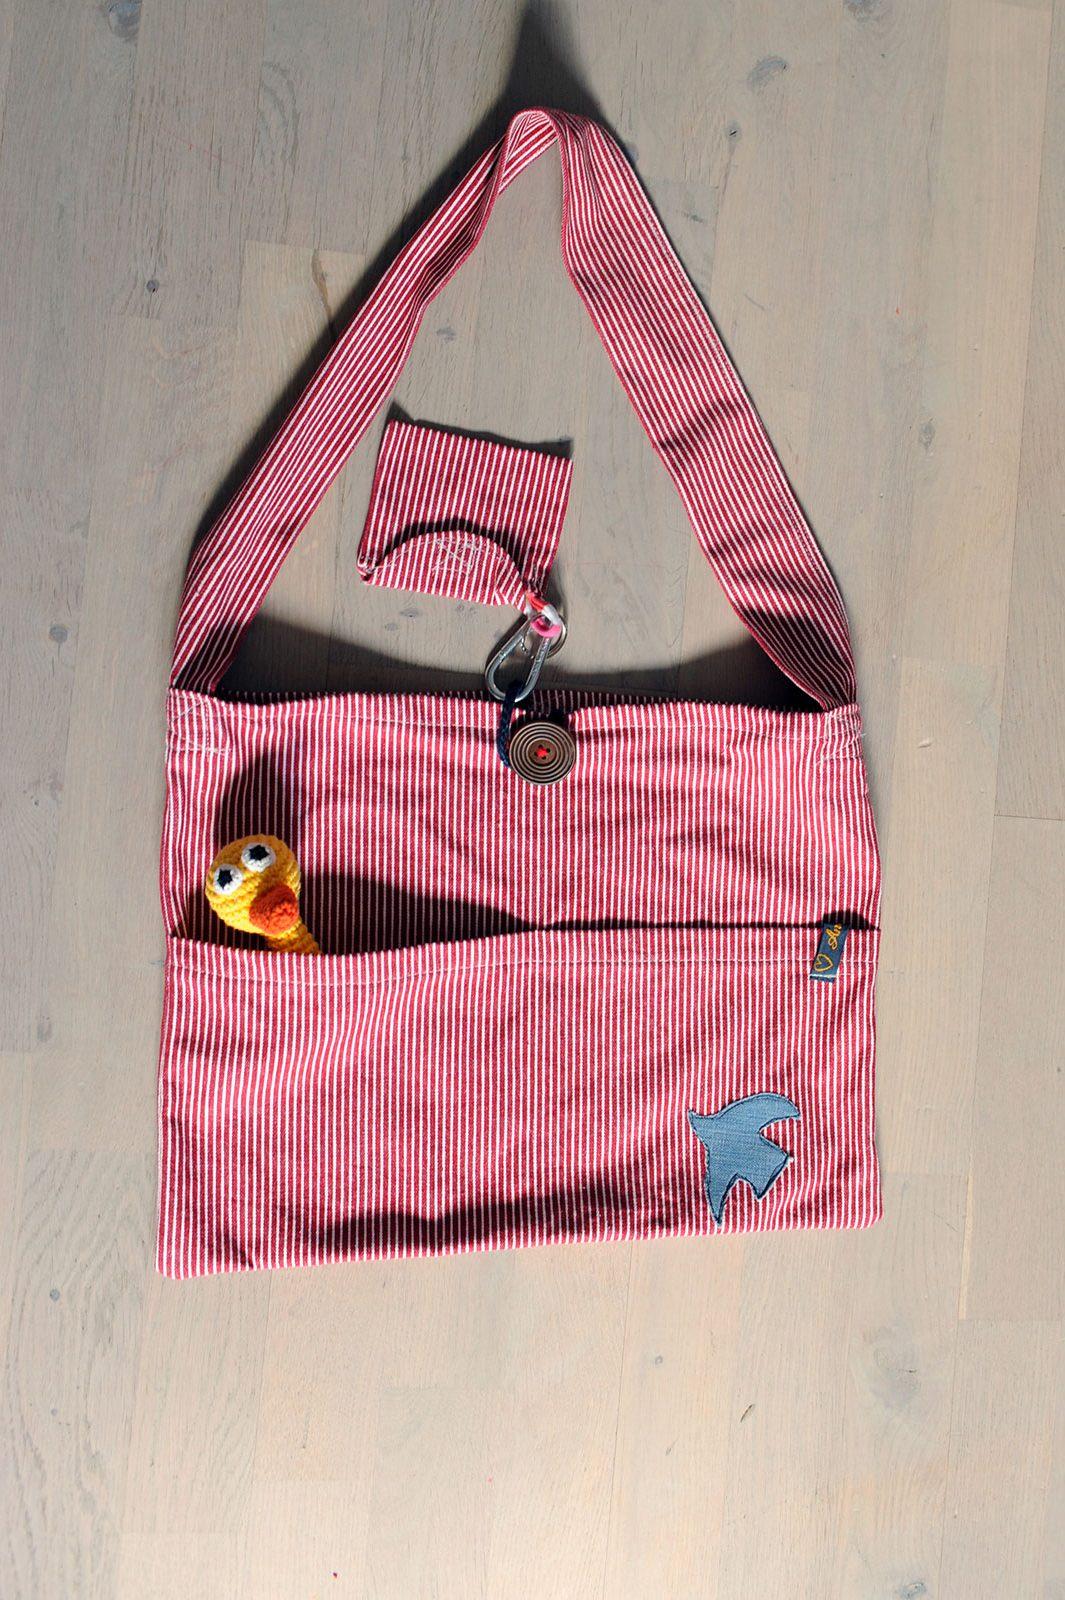 Kinderwagentasche rot/weiß mit kleiner Börse